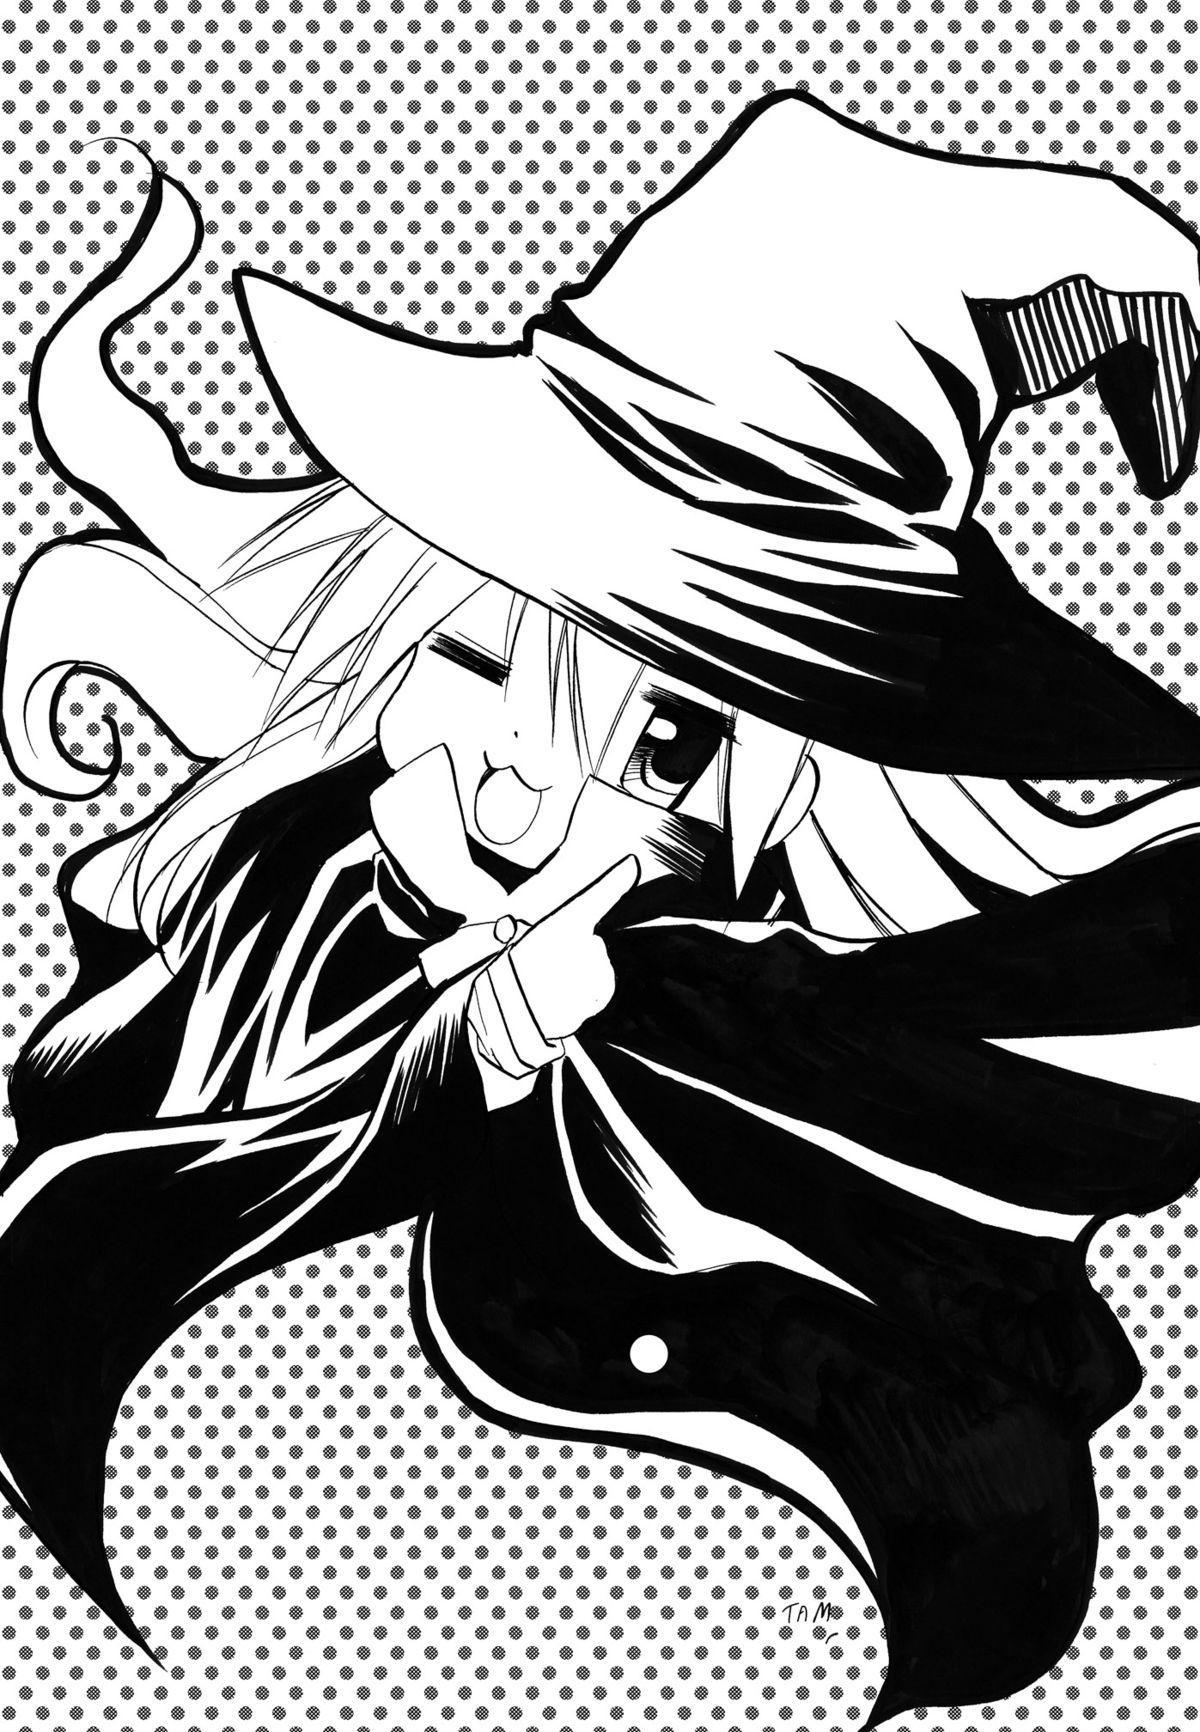 Kagamin no Cheer-cos de Gokkun no Susume 3